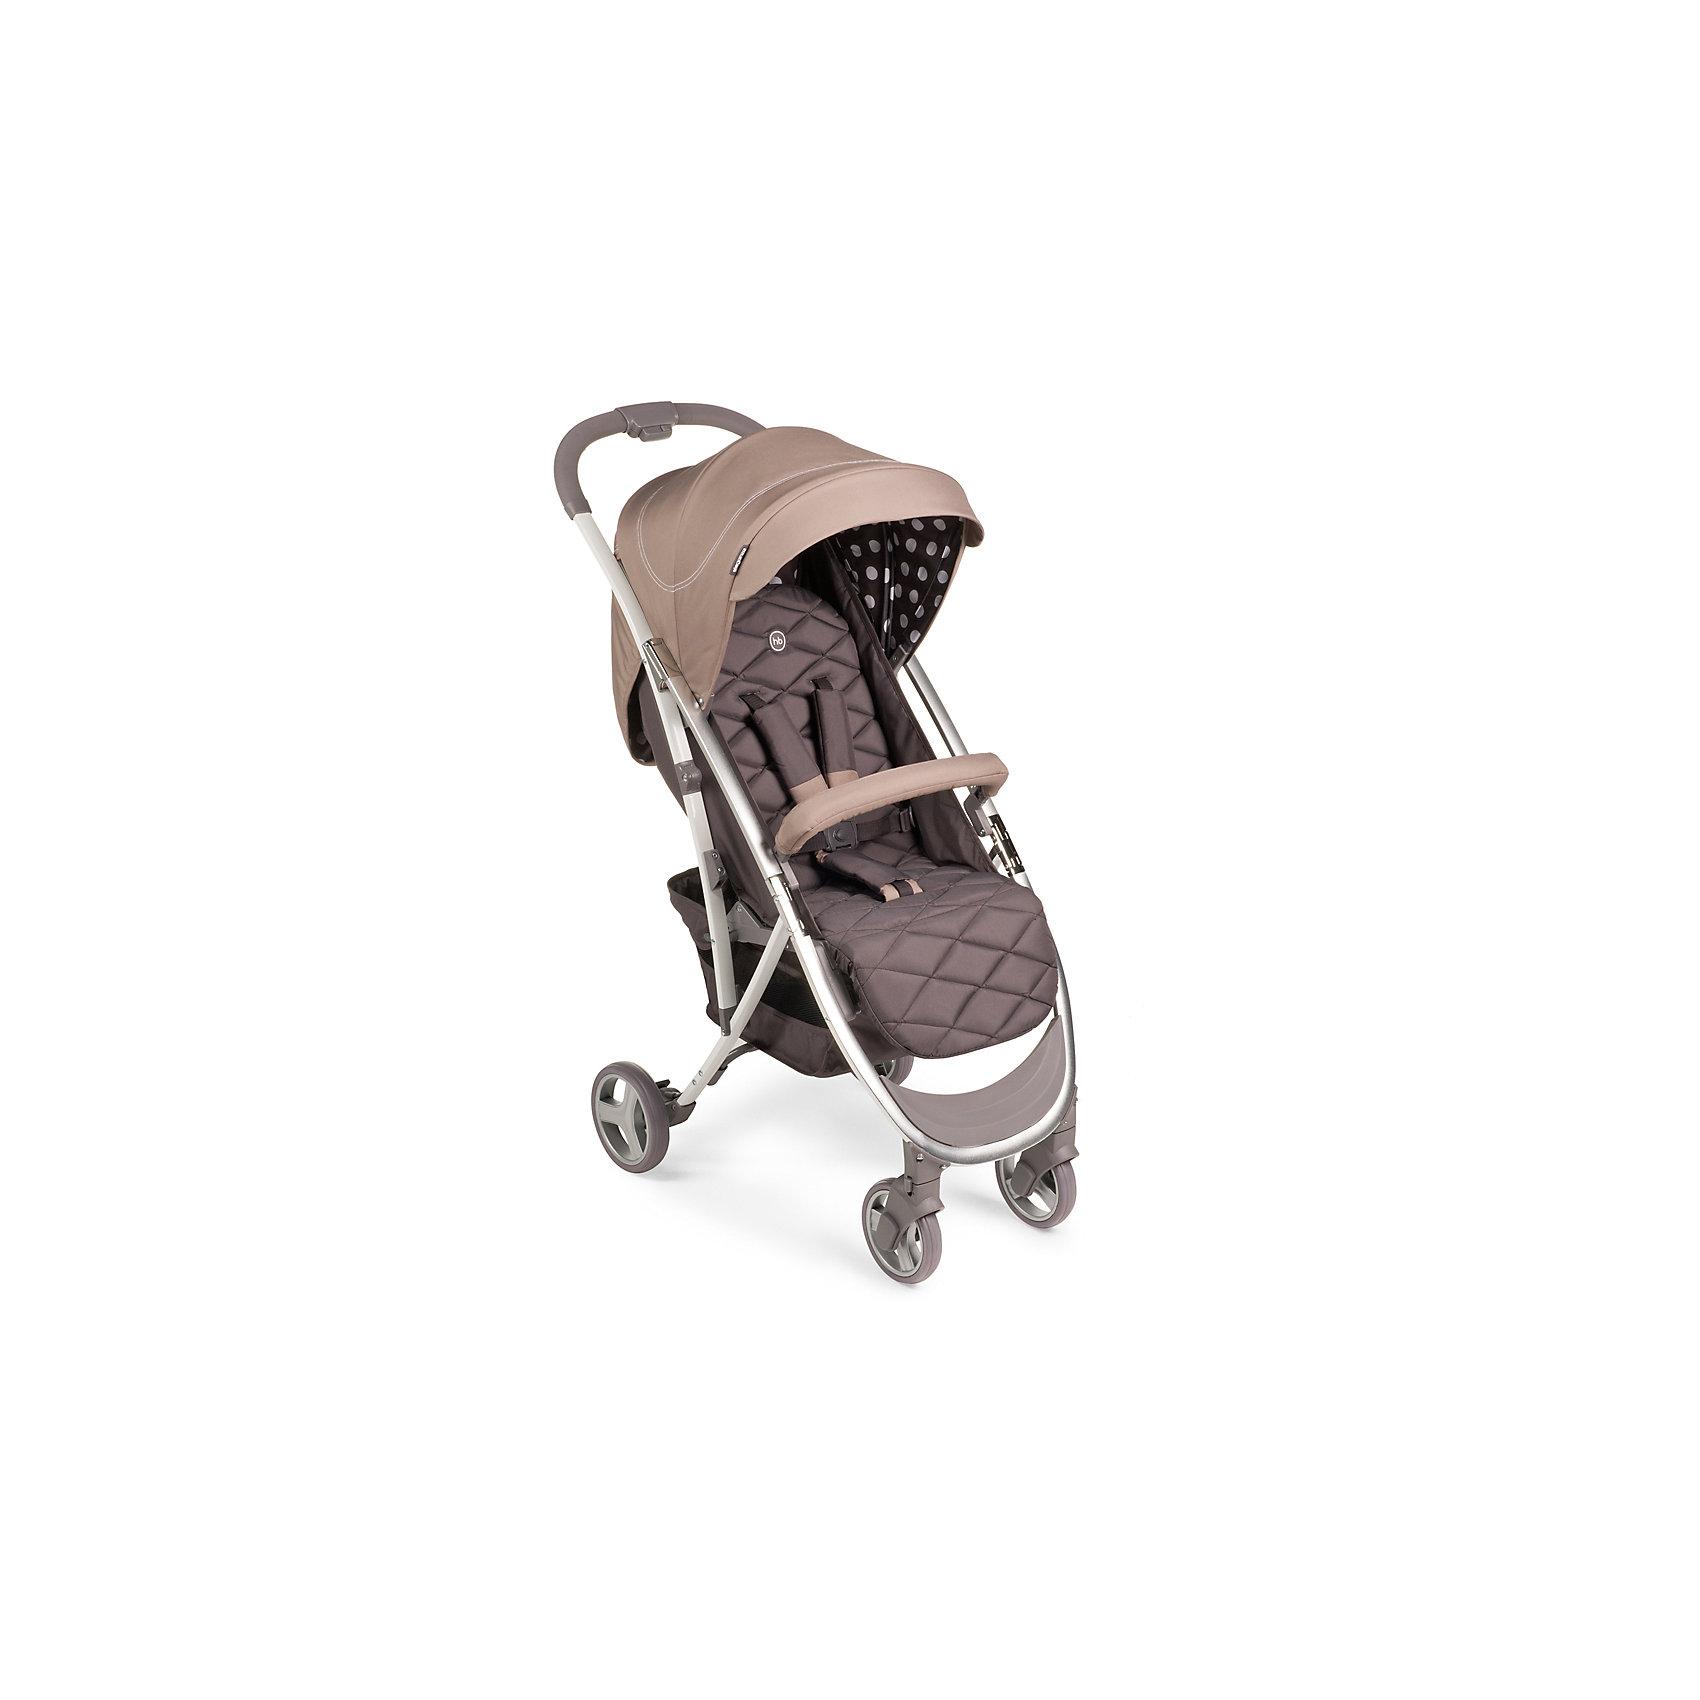 Прогулочная коляска Happy Baby Eleganza, бежевыйПрогулочные коляски<br>Модель ELEGANZA объединяет в себе стиль и отличные ходовые<br>данные, которые по достоинству оценят как владельцы коляски,<br>так и окружающие. Коляска легко складывается одной рукой,<br>имеет амортизацию на передних и задних колесах и занимает мало места в сложенном виде. При весе всего 6,6 кг коляска ELEGANZA имеет съемный бампер, козырек с окошком, регулируемую спинку. Комплектуется дождевиком, чехлом на ножки, москитной сеткой и корзиной.   от 7 месяцев до 3 лет (Максимальный вес ребенка: 15 кг)<br>Ширина сиденья: 31 см<br>Глубина сиденья: 21 см + 21 см (подножка)<br>Длина спинки: 45см<br>Кол-во положений спинки: 3<br>Углы наклона спинки: 100, 120, 170<br>Подножка регулируется: 2 положения<br>Передние поворотные колеса (360°) с возможностью фиксации <br>Задние колеса оснащены тормозным механизмом<br>Амортизация передних и задних колес<br>Cкладывается одной рукой<br>Съемный бампер                                 <br>В сложенном виде занимает мало места                                                                                   <br>Капюшон со смотровым окошком  <br>Вместительная корзина для покупок<br>Тип складывания: книжка<br>Вес коляски: 7,7 кг<br>В комплекте: дождевик, чехол на ножки, москитная сетка, корзина для покупок.<br><br>Прогулочную коляску Eleganza, Happy Baby, бежевый можно купить в нашем магазине.<br><br>Ширина мм: 250<br>Глубина мм: 445<br>Высота мм: 700<br>Вес г: 8900<br>Цвет: бежевый<br>Возраст от месяцев: 7<br>Возраст до месяцев: 36<br>Пол: Унисекс<br>Возраст: Детский<br>SKU: 4580595